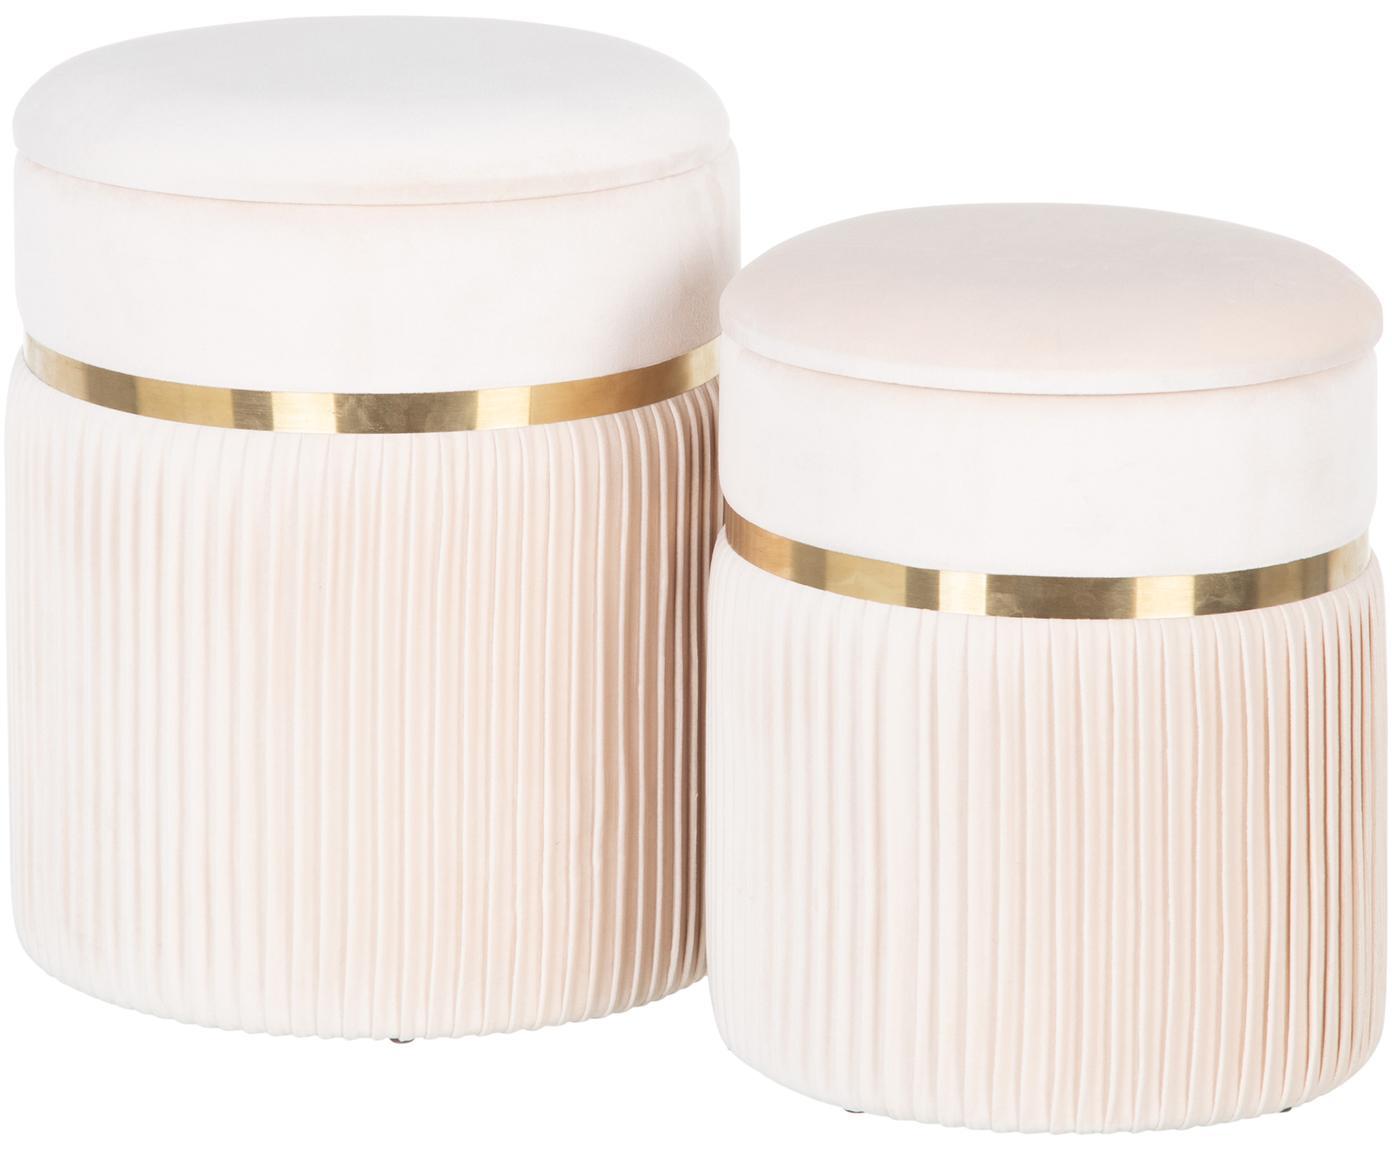 Set 2 pouf contenitori in velluto Chest, Rivestimento: poliestere (velluto), Sottostruttura: legno, Crema, Diverse dimensioni